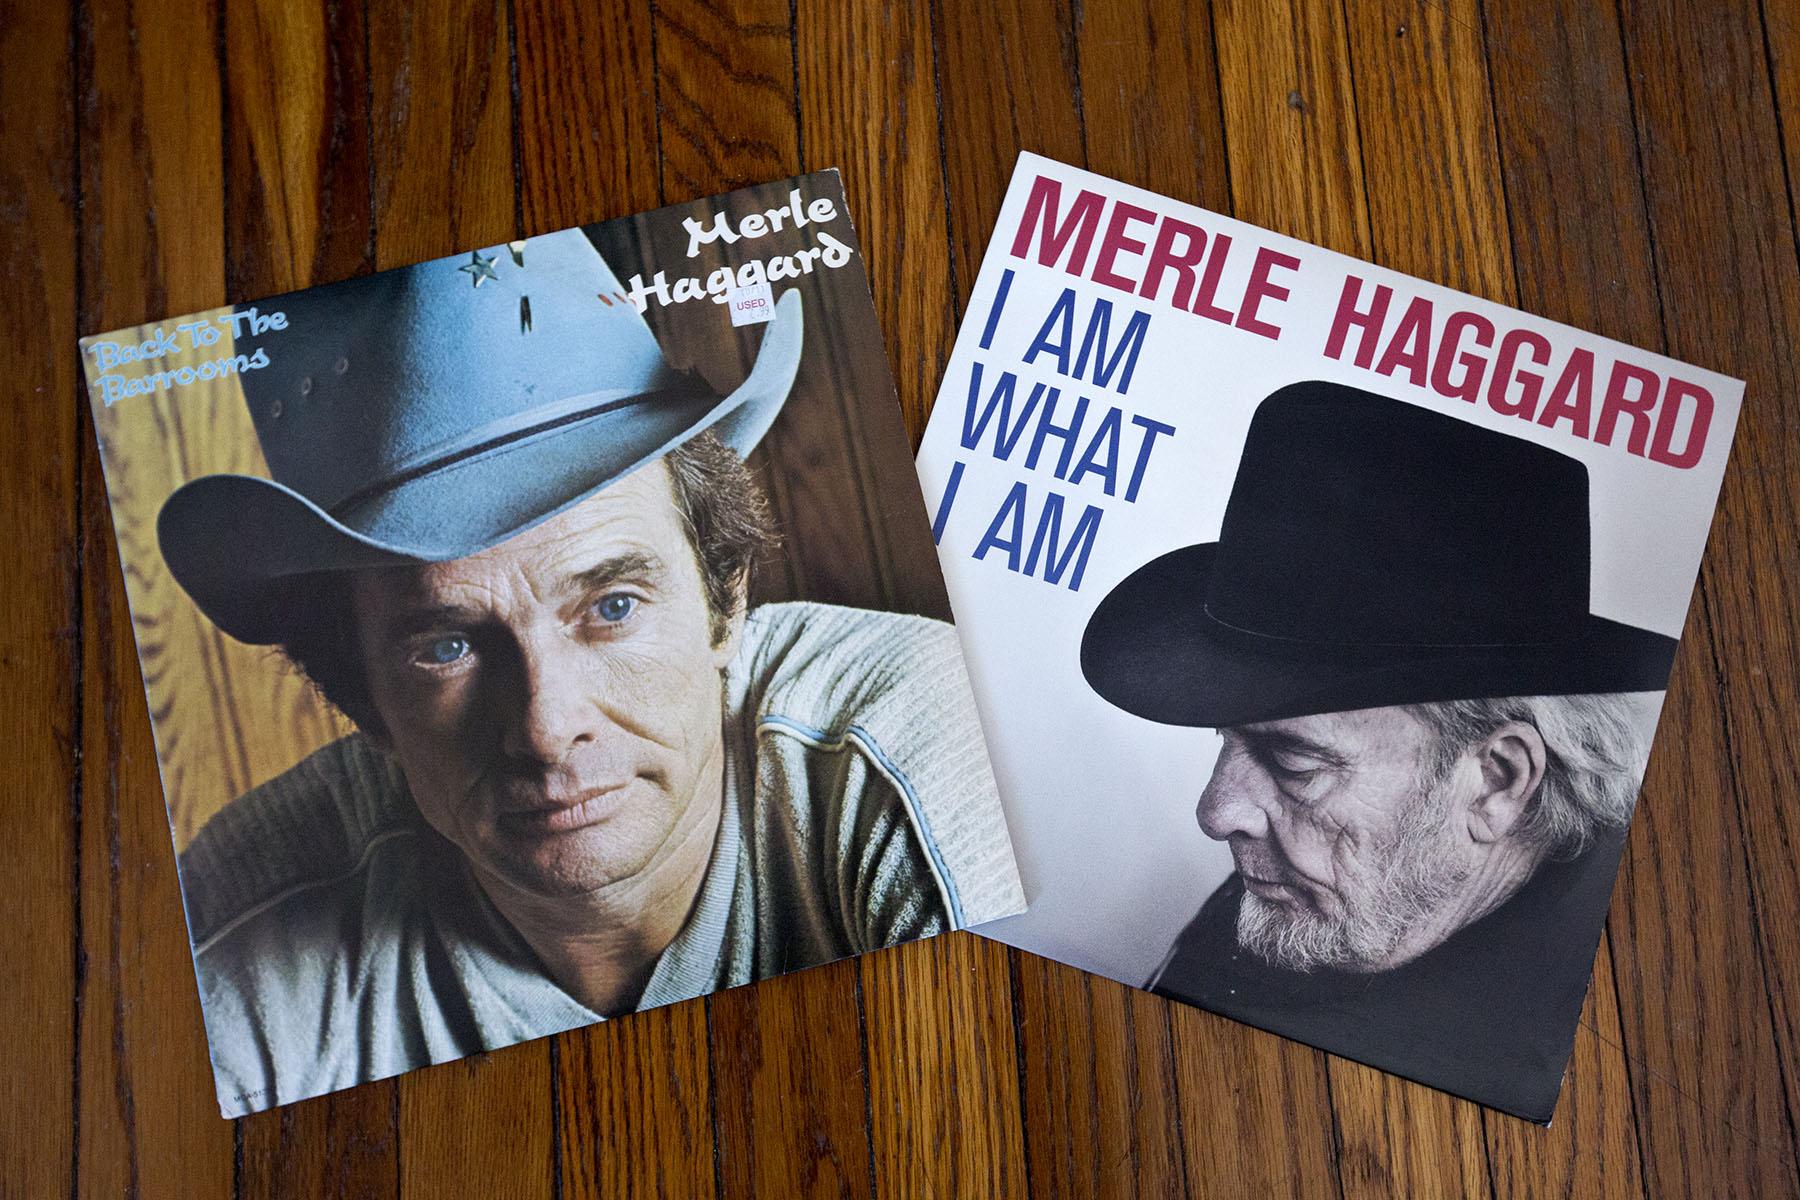 Två av mina favoritskivor av Merle Haggard: Back To The Barrooms från 1980 och I Am What I Am från 2010.